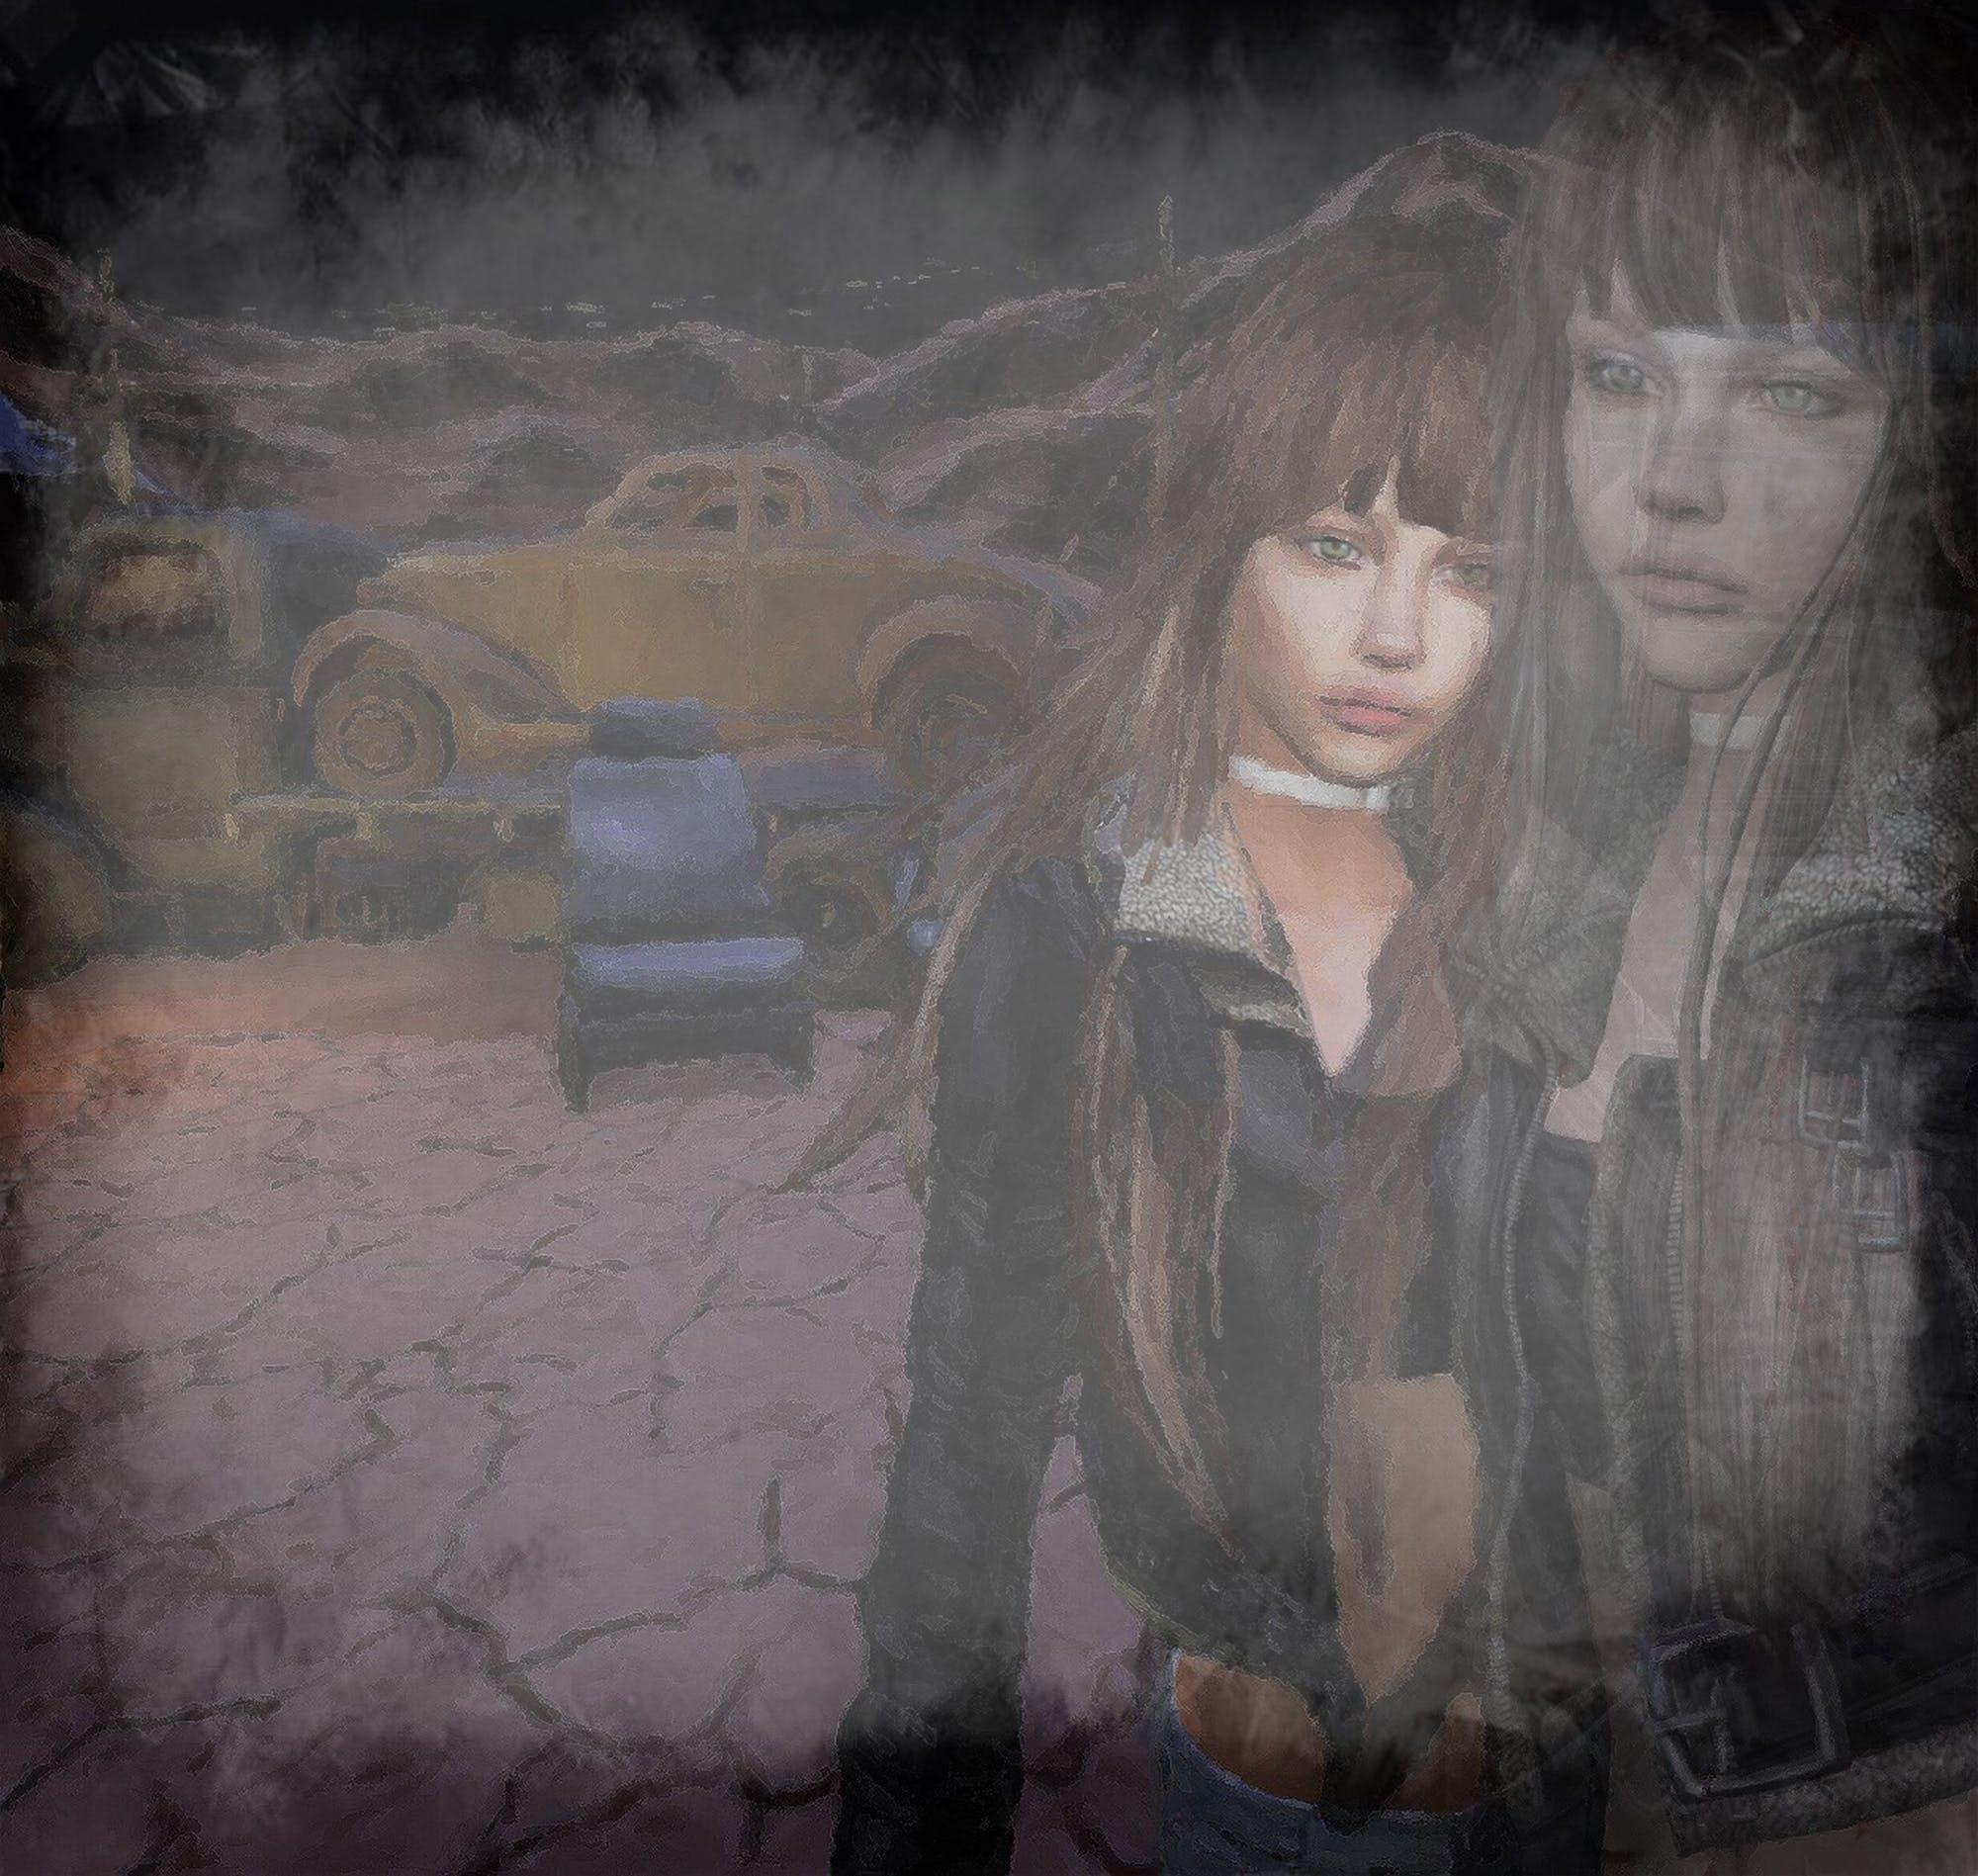 Free stock photo of girl, junkyard